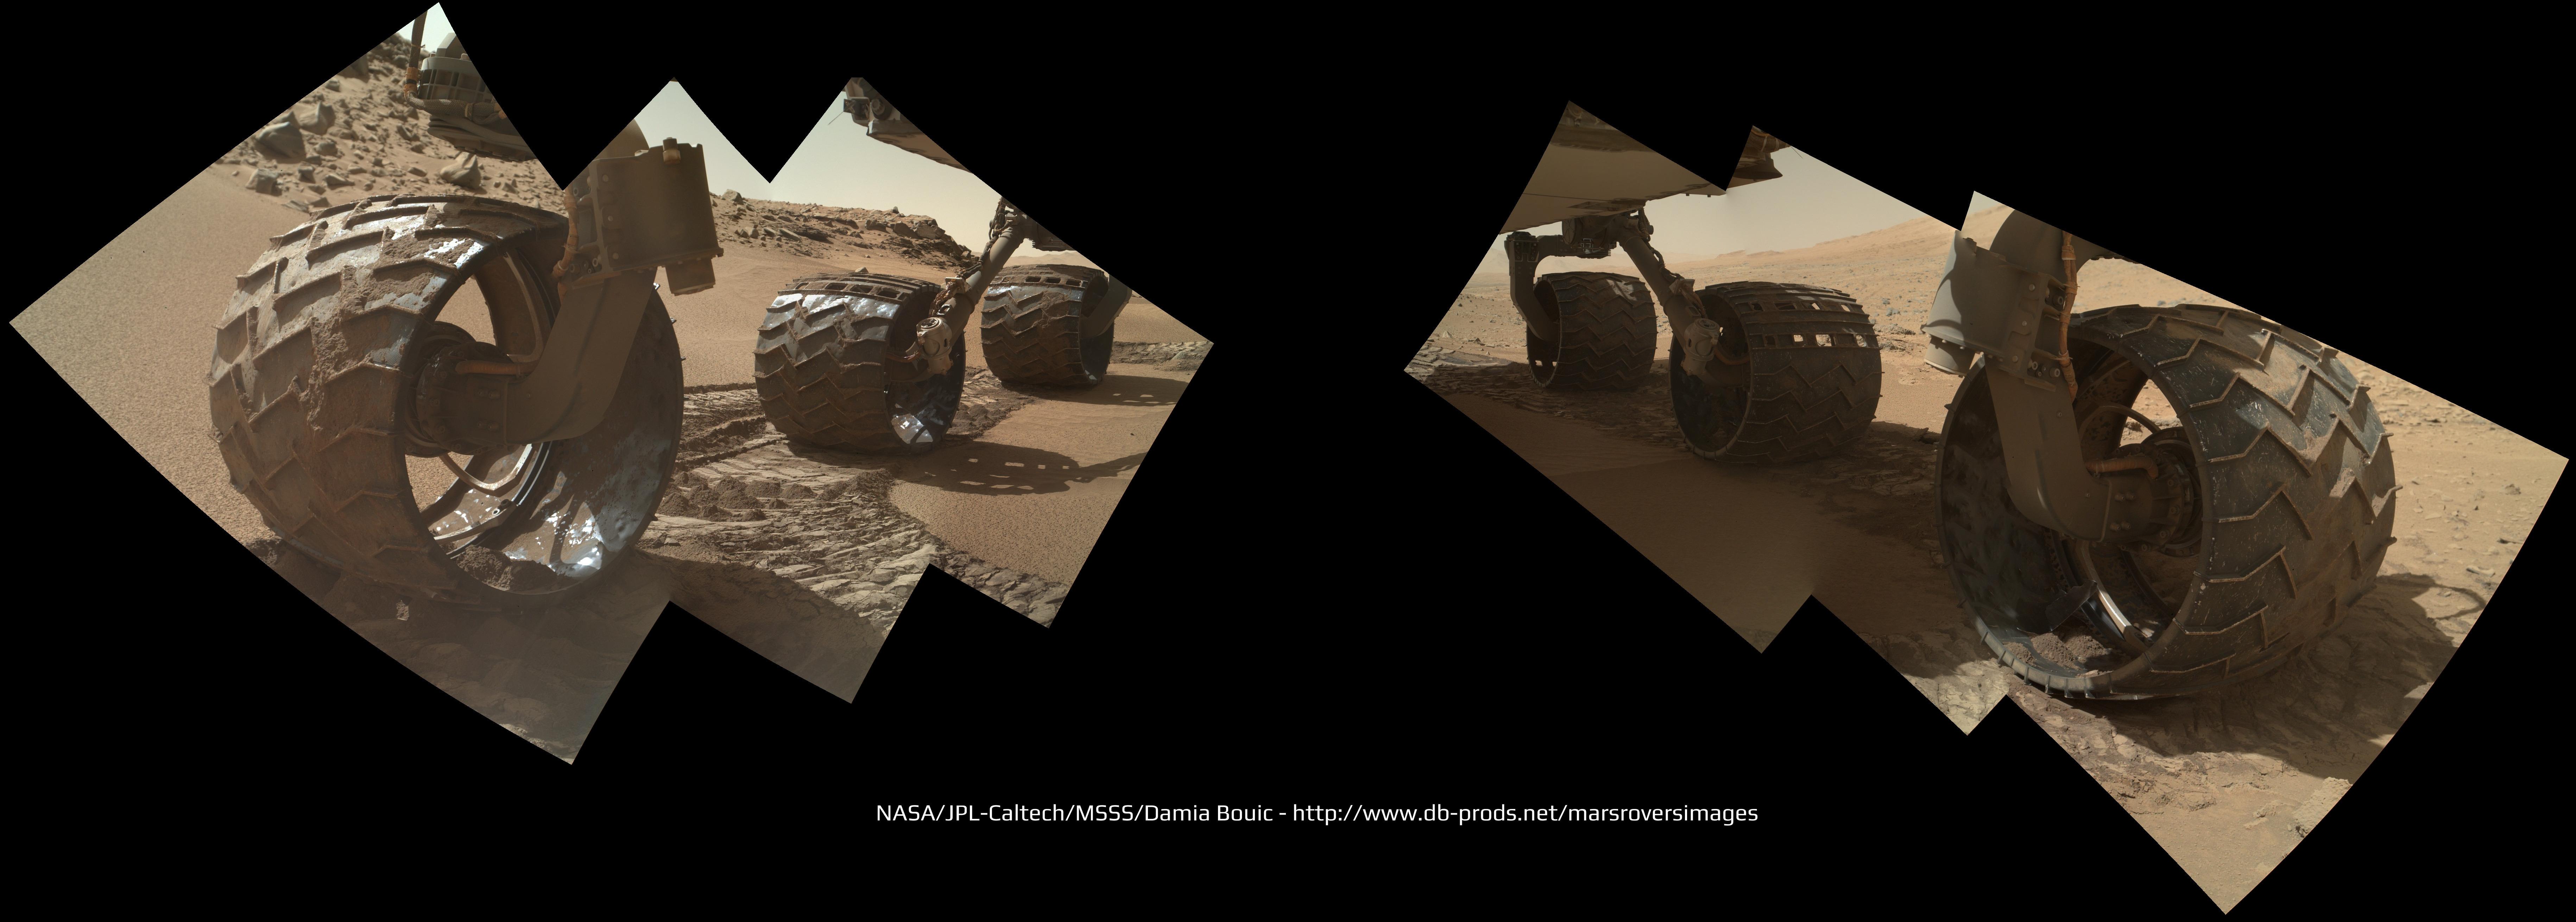 Foto mosaico mostra a progressão dos buracos e rasgos em várias das seis rodas do rover Curiosity, causadas pela longa condução sobre pedras afiadas de Marte, durante os meses de caminhada até o Monte Sharp. Imagens cruas tiradas pela câmera MAHLI no braço do Curiosity em 31 de janeiro de 2014 (Sol 529) foram montadas juntas para mostrar alguns danos em várias de suas seis rodas. (Clique aqui para a imagem e resolução completa.) Crédito: NASA / JPL / MSSS / Marco Di Lorenzo / Ken Kremer-kenkremer.com